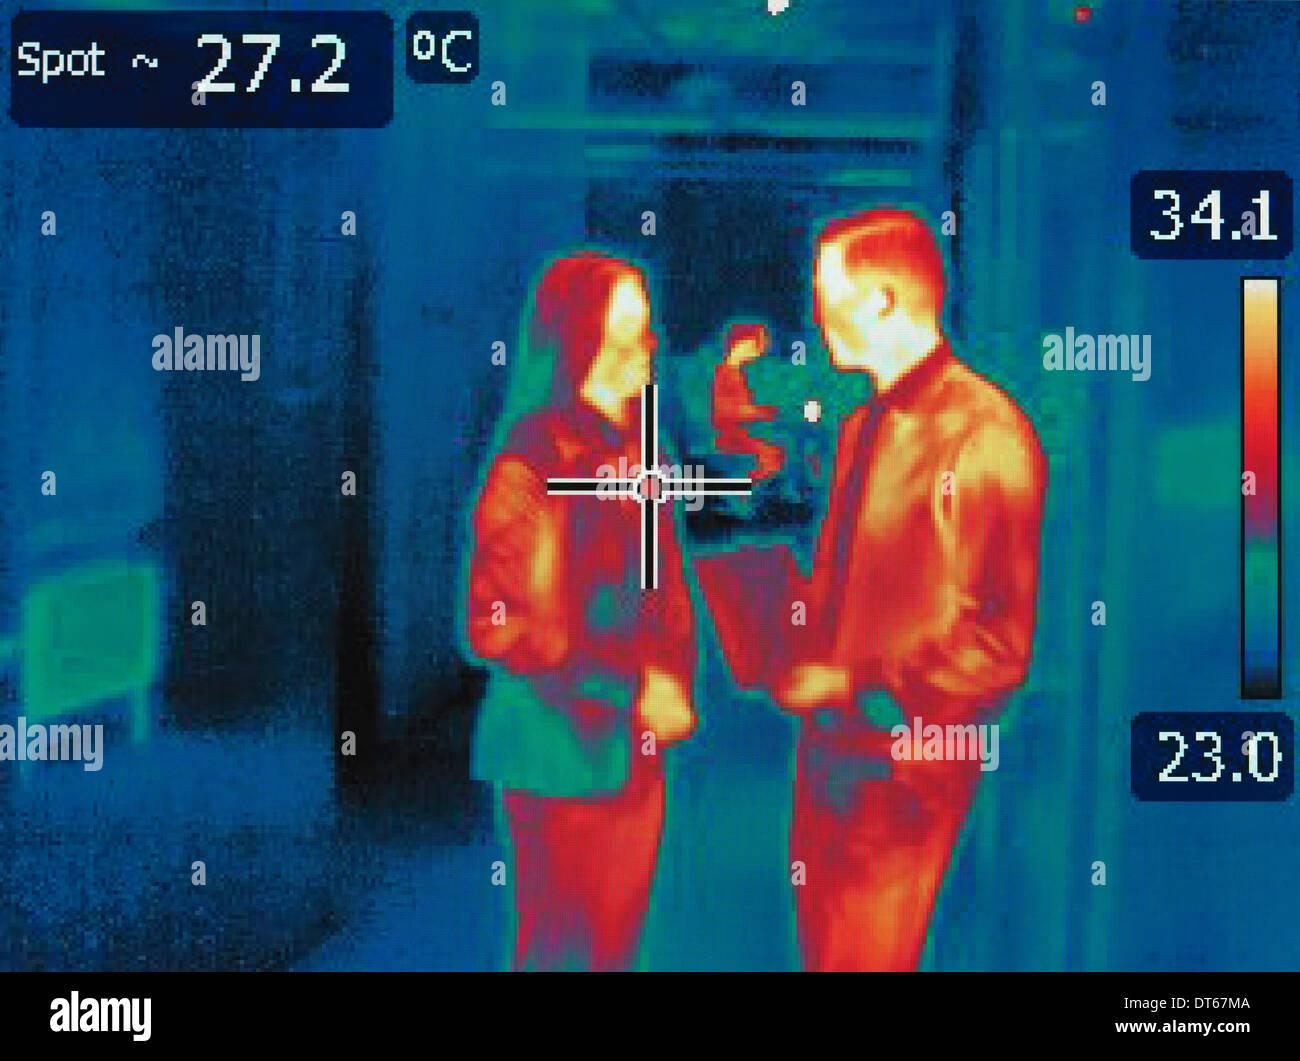 Calor infravermelho imagem de trabalhadores em escritórios de discussão Imagens de Stock